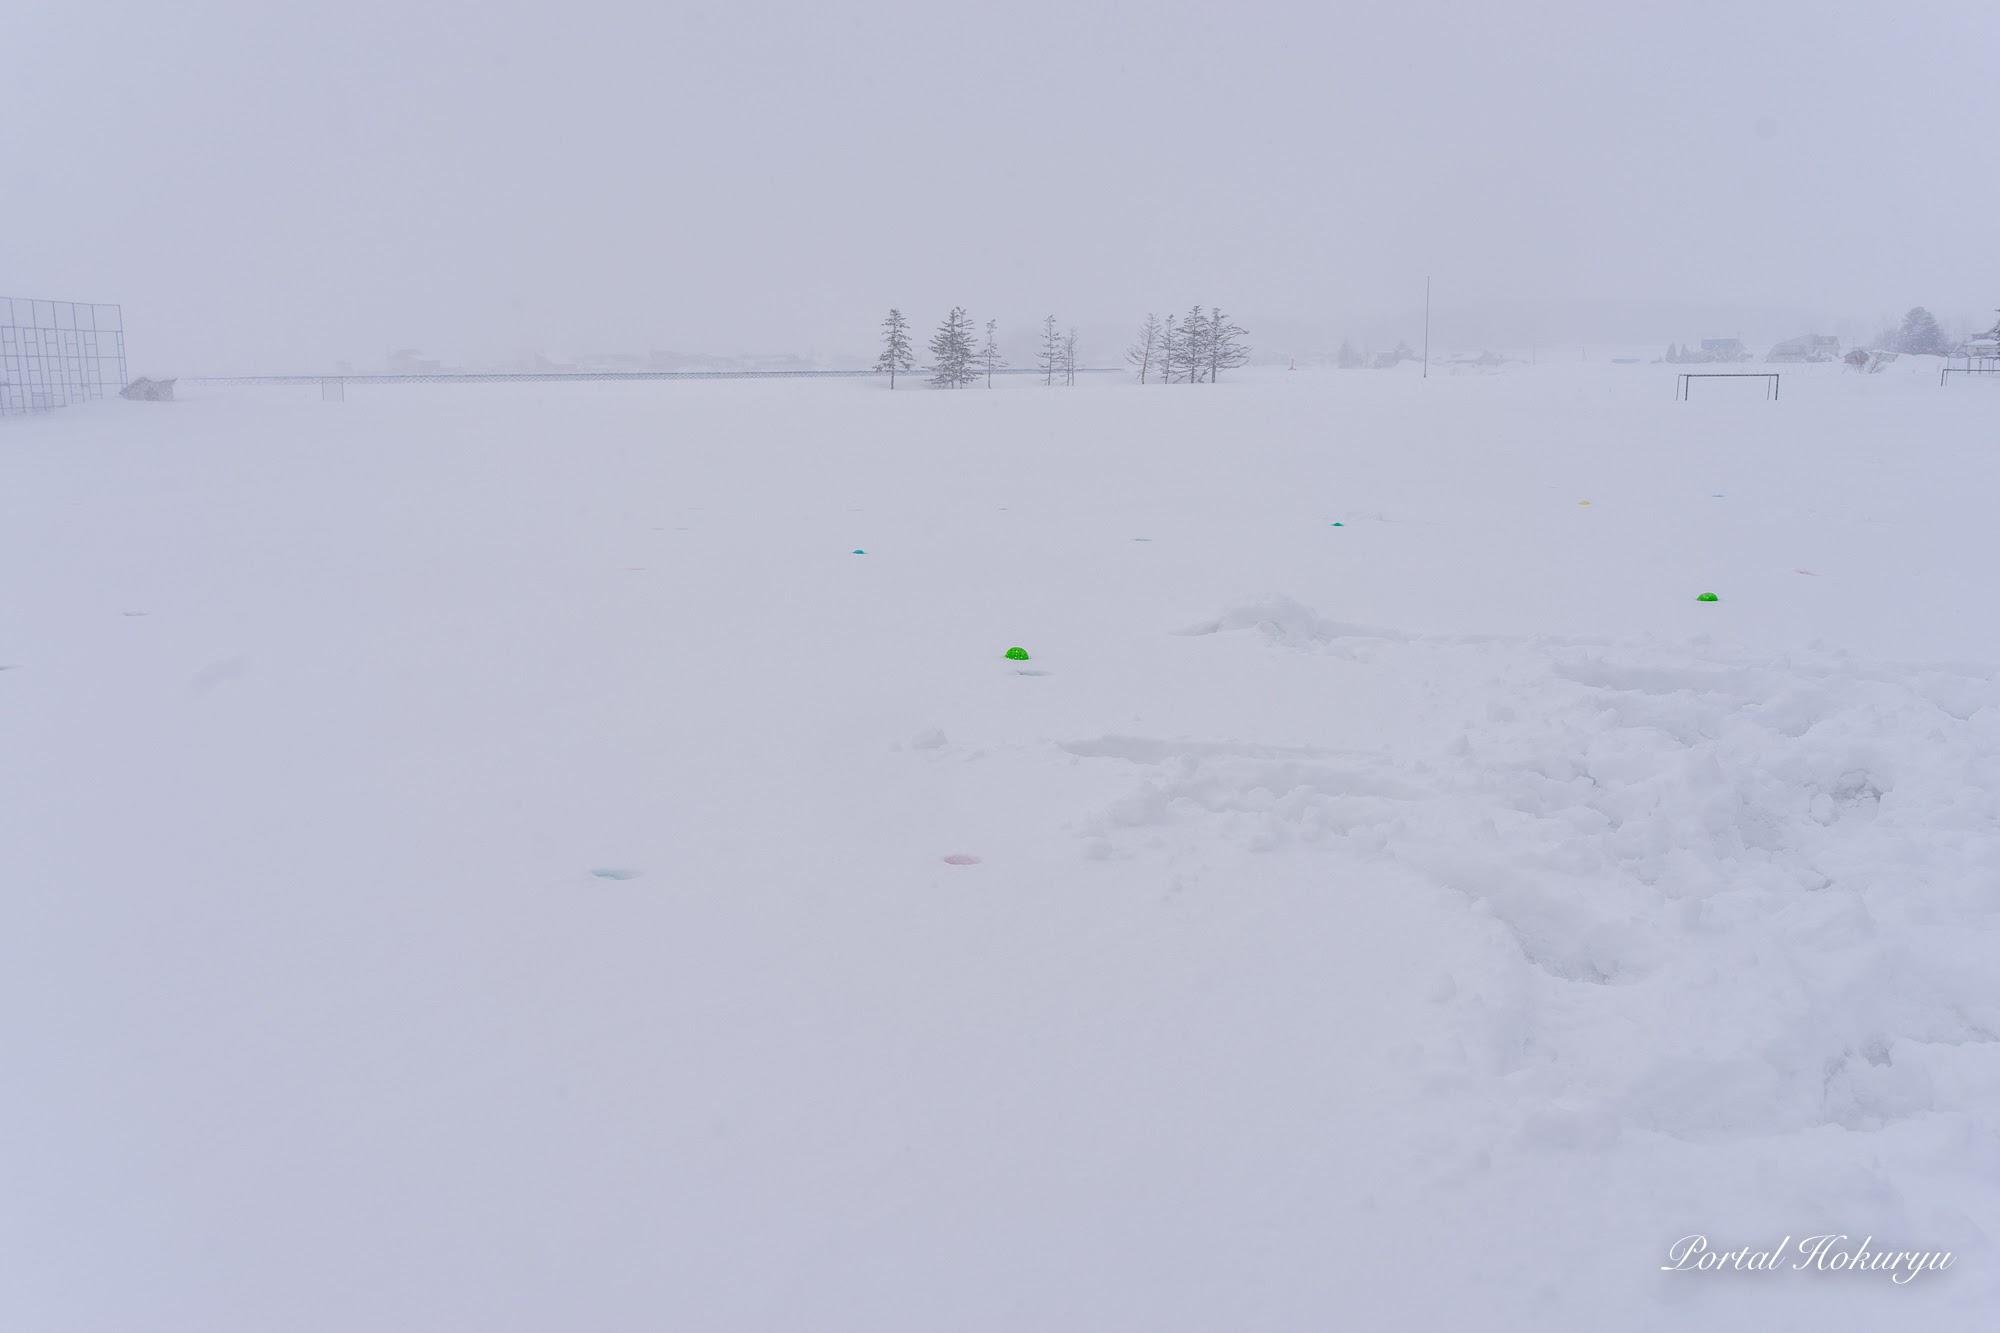 雪原に散らばるカラーボール